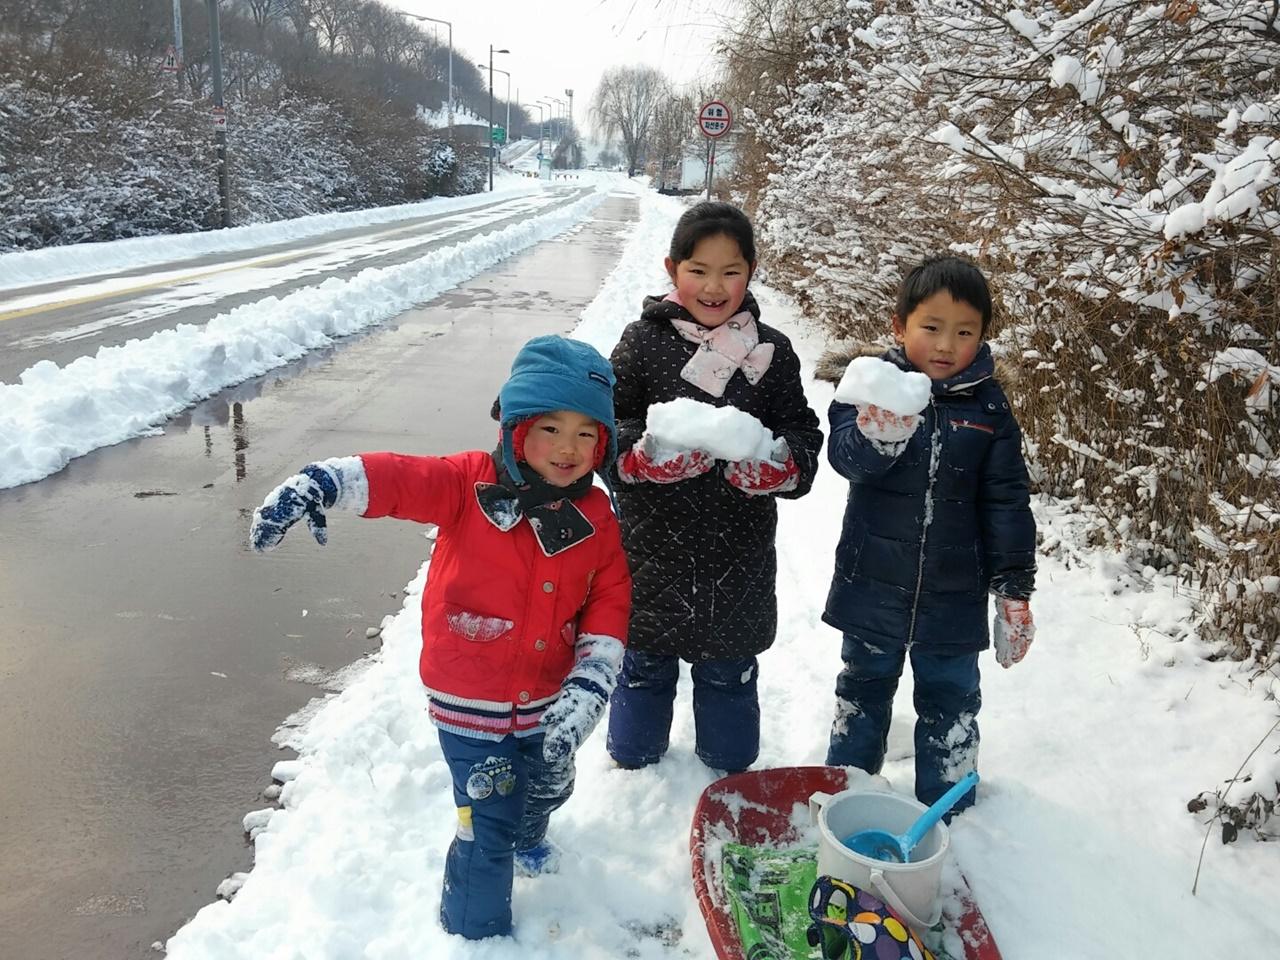 겨울에는 눈놀이 학교 안 가면 좋겠지?